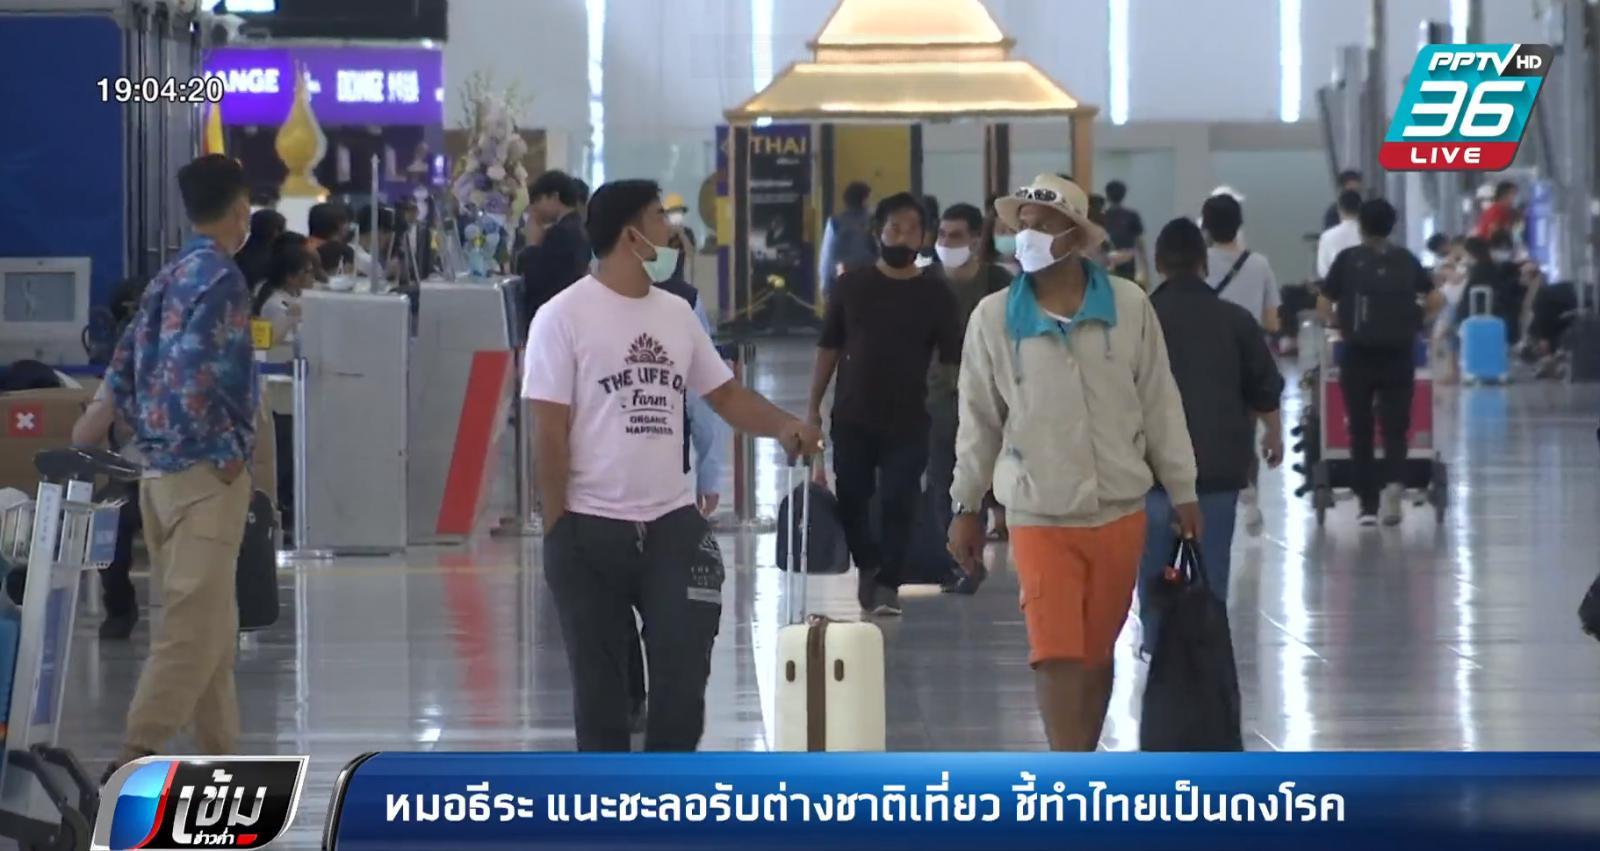 หมอธีระ แนะ ชะลอรับต่างชาติเที่ยว ชี้ทำไทยเป็นดงโรค